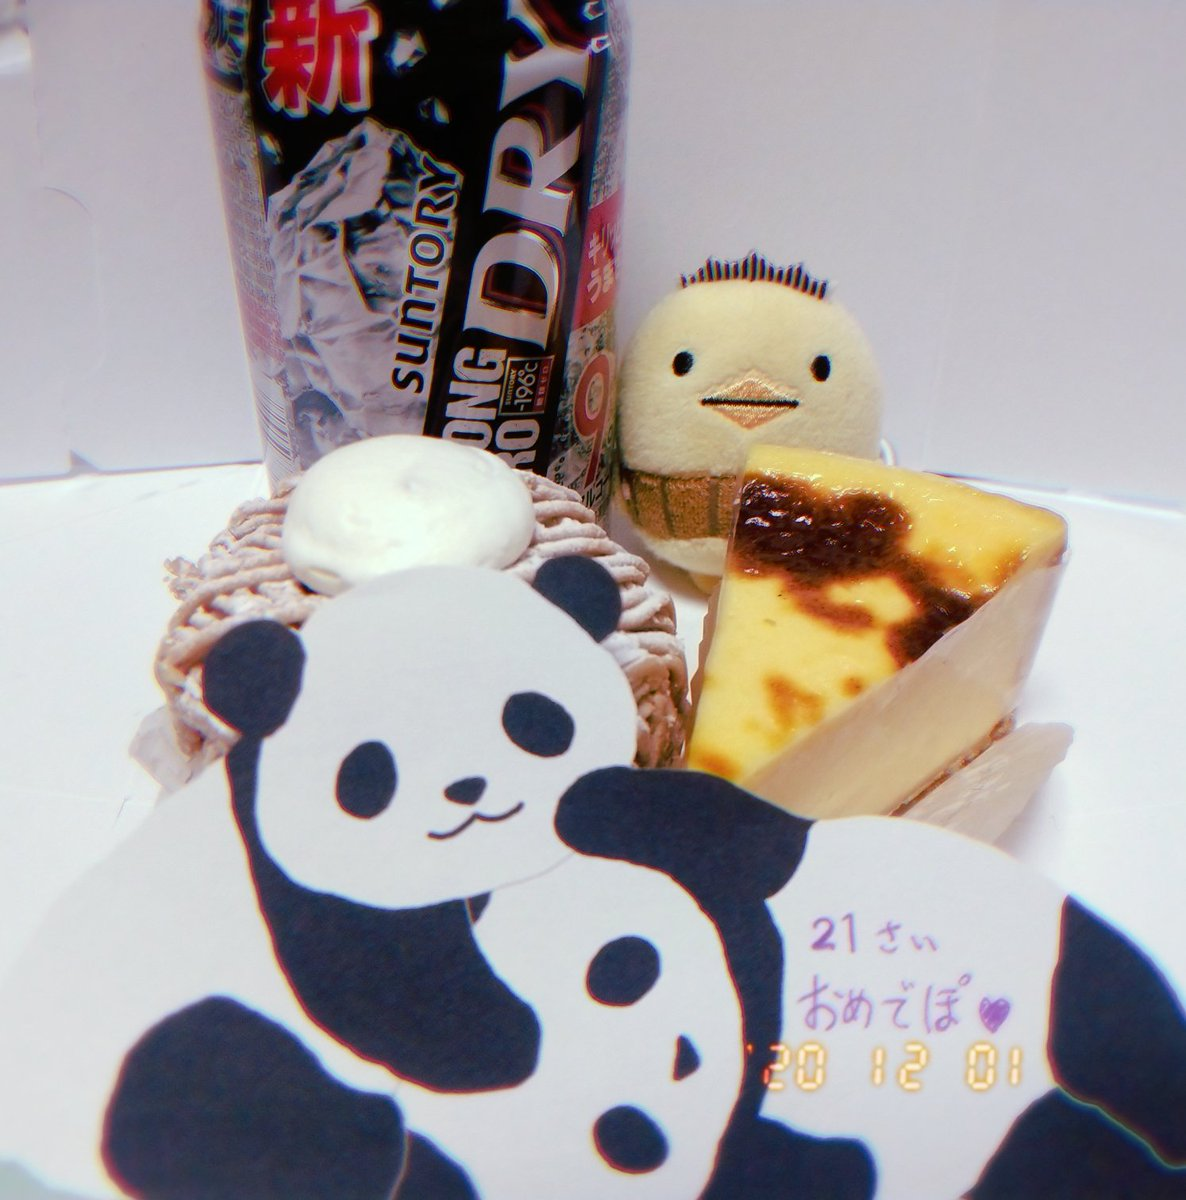 test ツイッターメディア - モンブランと焼きチーズケーキと約束の(?)ストロング缶 #沖侑果 #沖侑果生誕祭2020 #おめでぽ https://t.co/75ChX9Ddsq